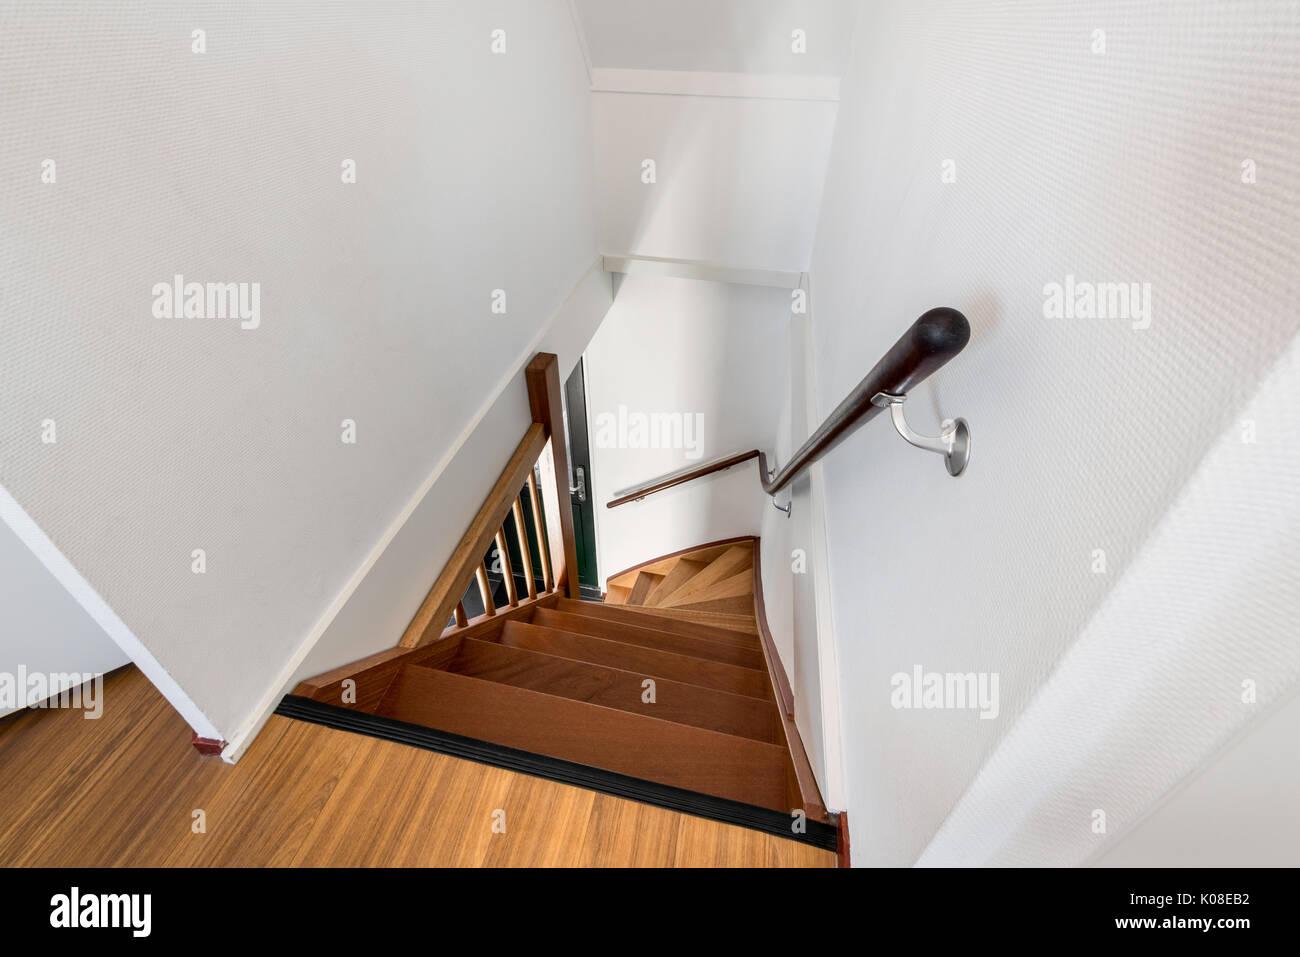 Escalier en bois moderne dans maison Banque D\'Images, Photo Stock ...